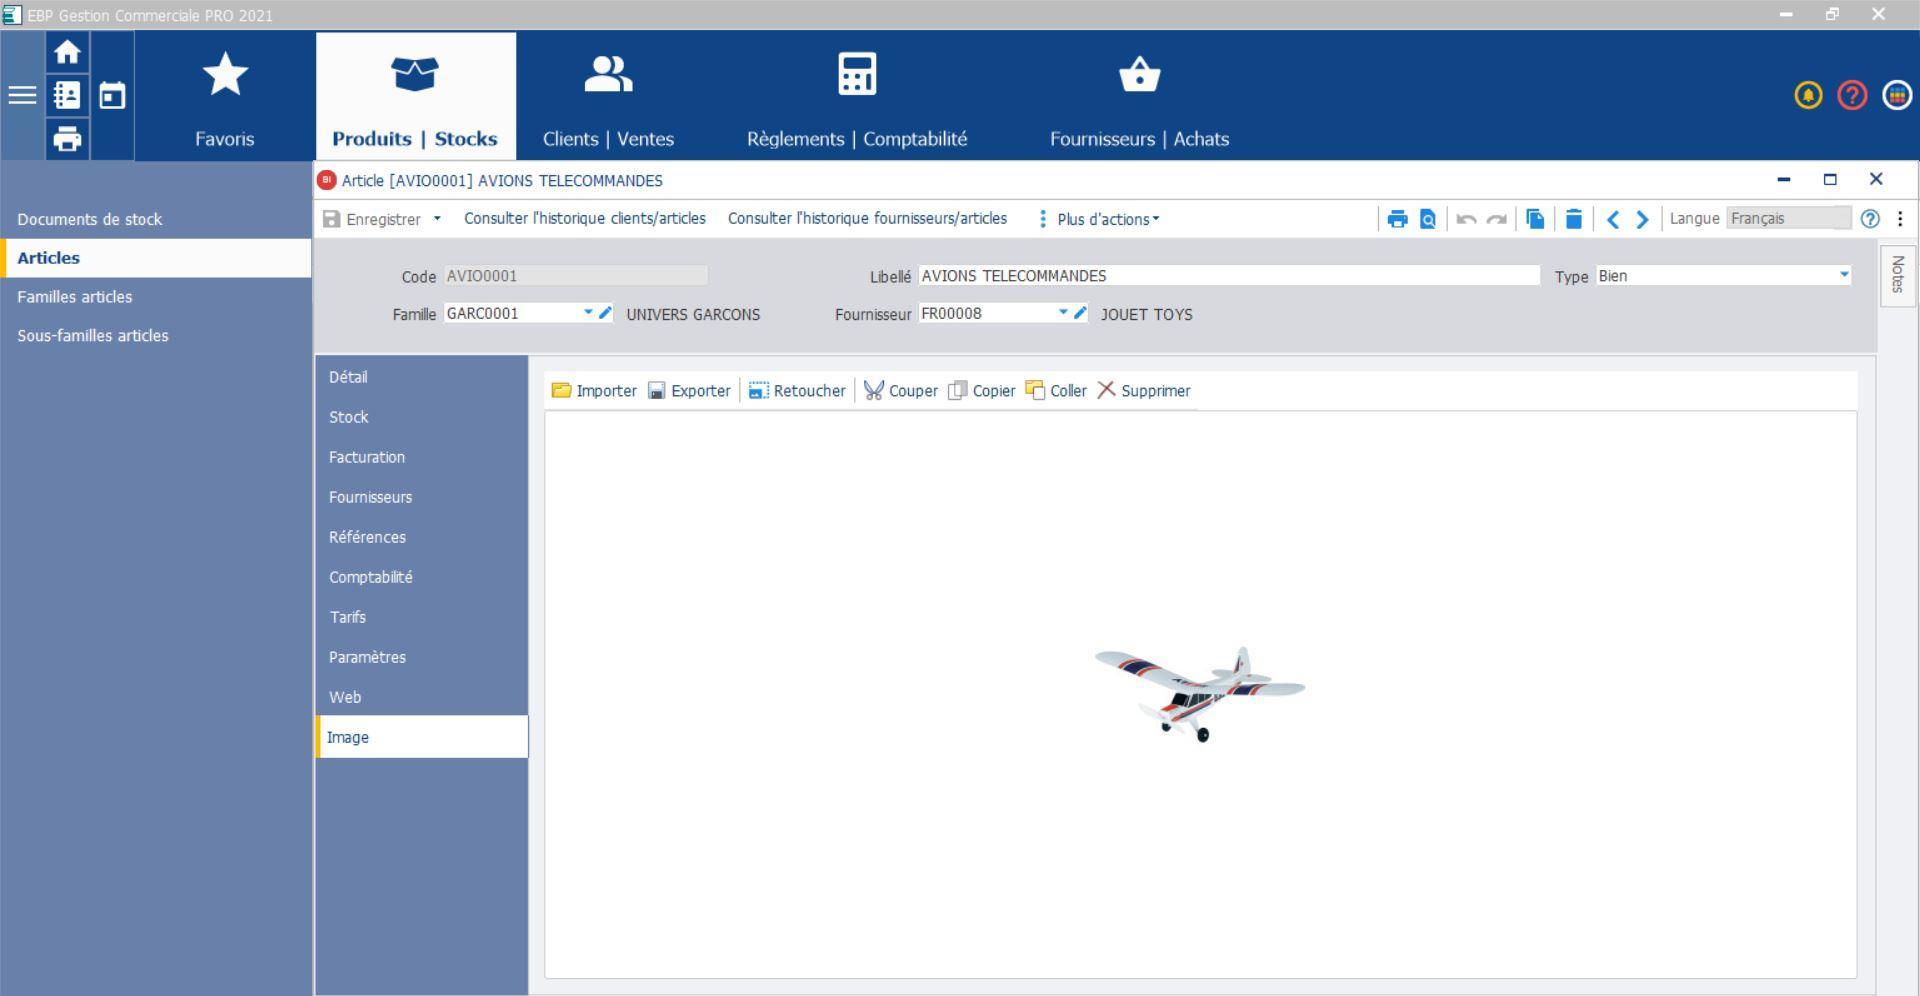 Insérez des images d'articles directement dans votre devis avec EBP Gestion Commerciale en ligne